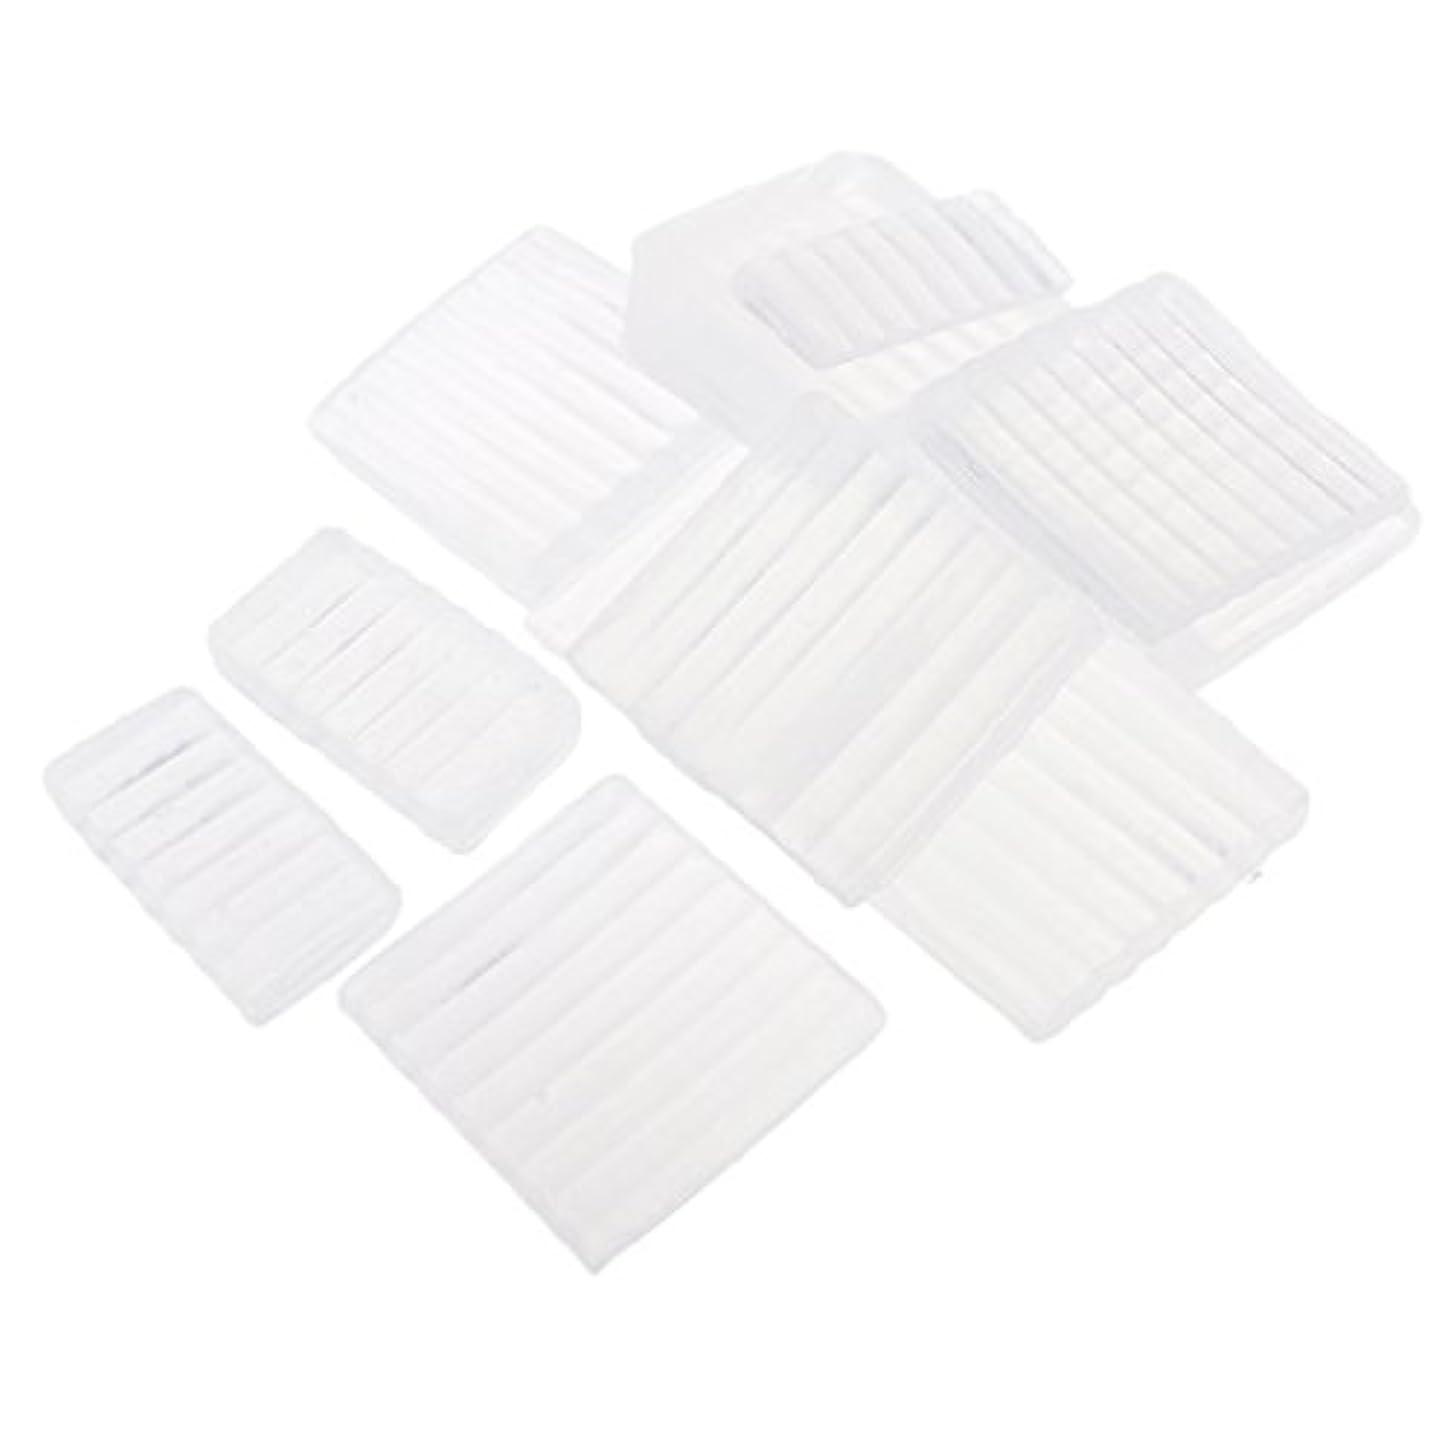 ペンダント高齢者中国約500g ホワイト 透明 石鹸ベース DIY 手作り 石鹸 材料